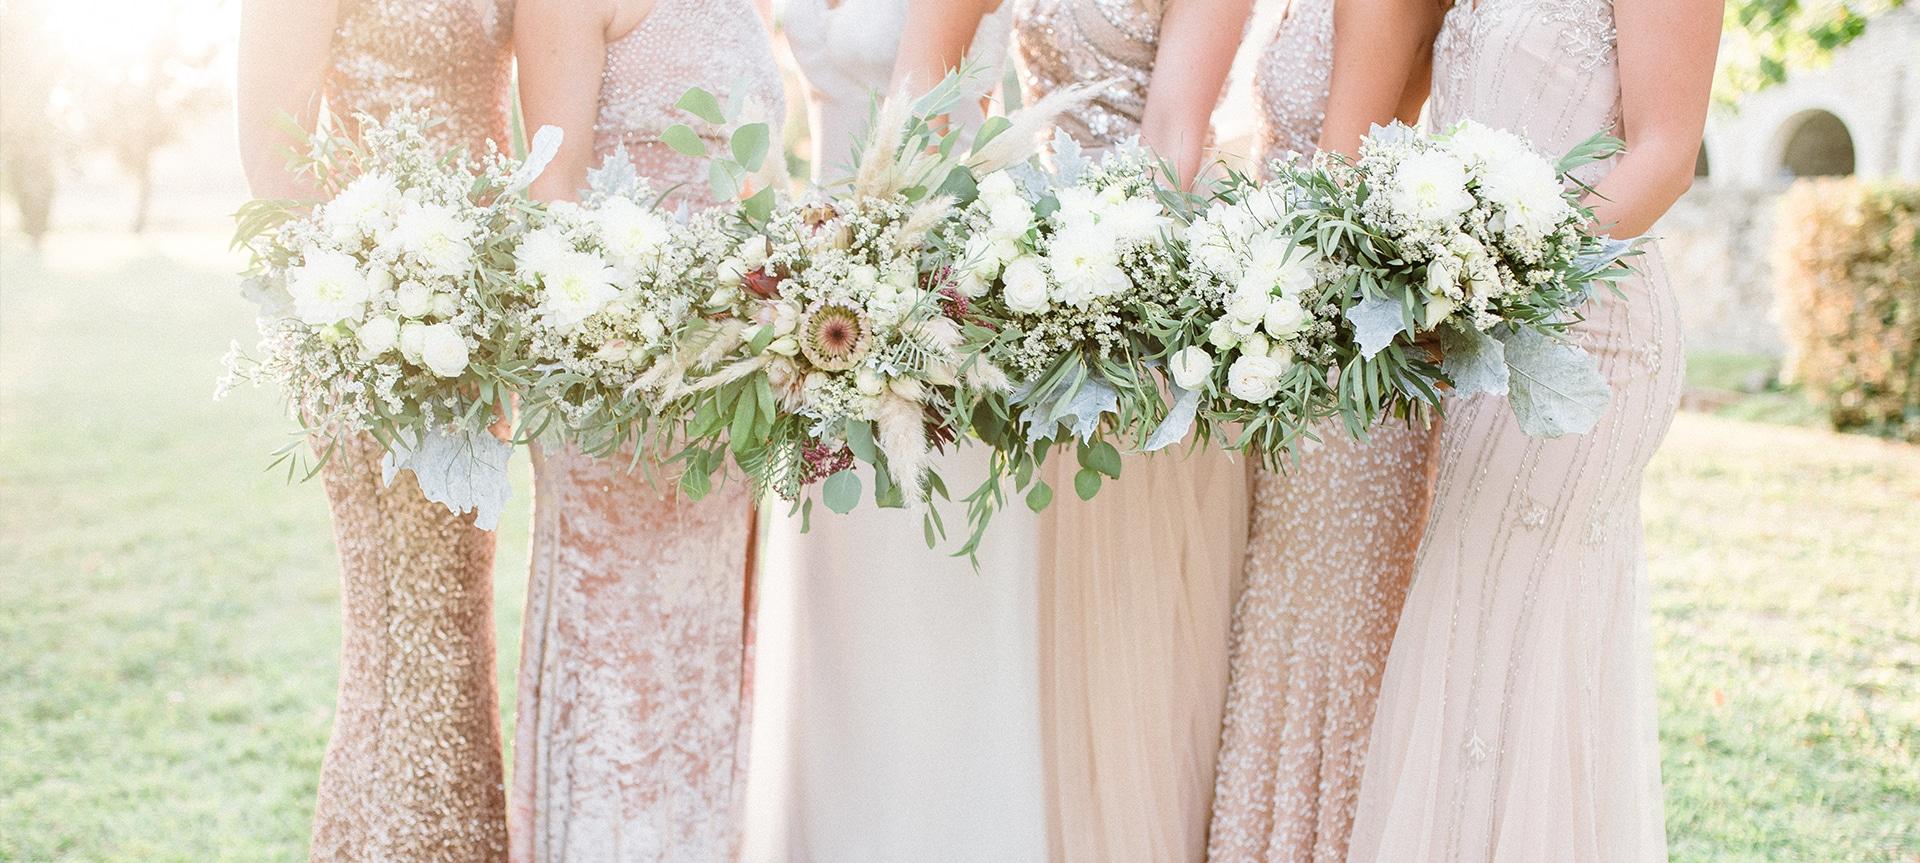 photographe de mariage, provence, cotes d'azur, photographer, wedding, domaine de Sarson, Domaine de Patras, Grignan, mas de lily rose